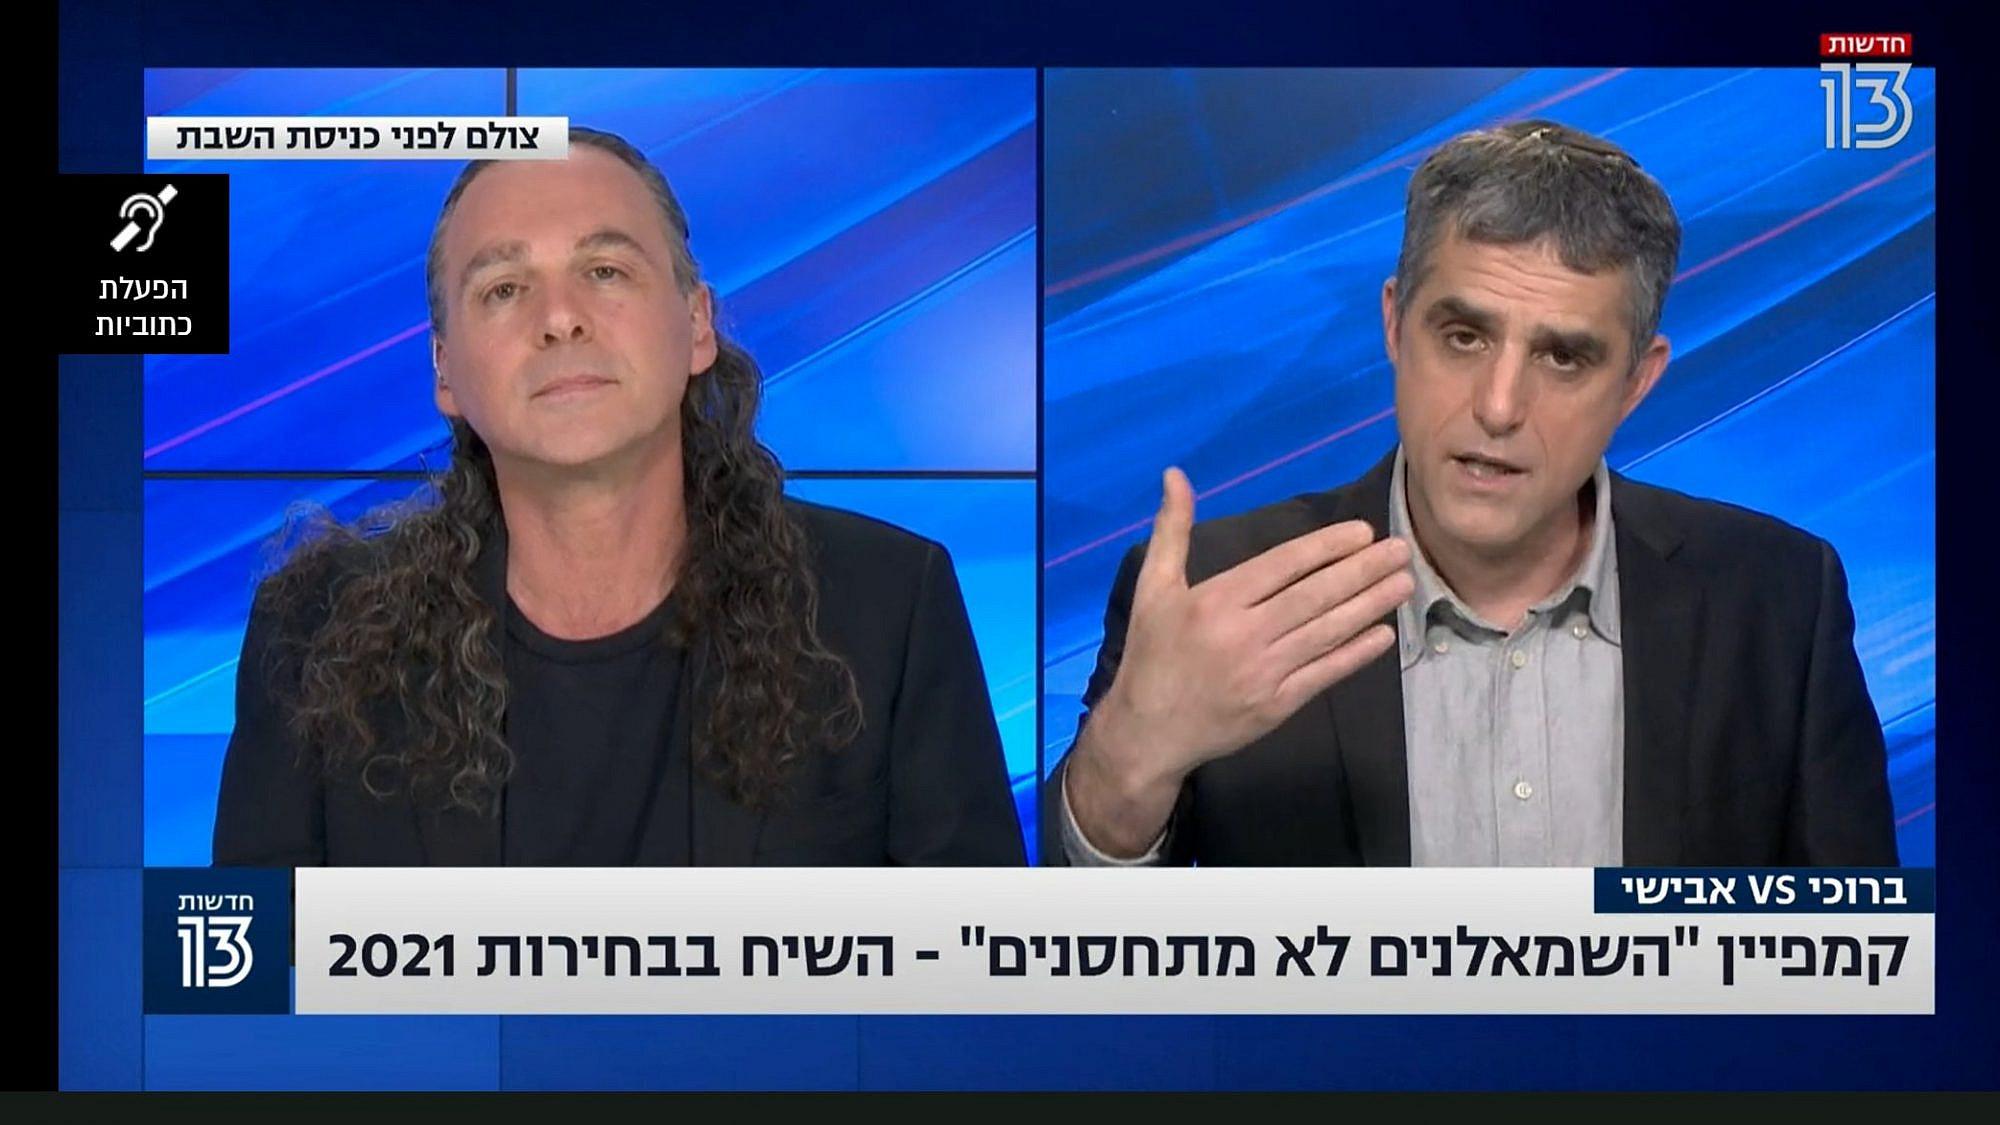 מימין: עיתונאי; משמאל: לא ברור מה זה. ברוך קרא ואבישי בן חיים (צילום מסך: רשת 13)